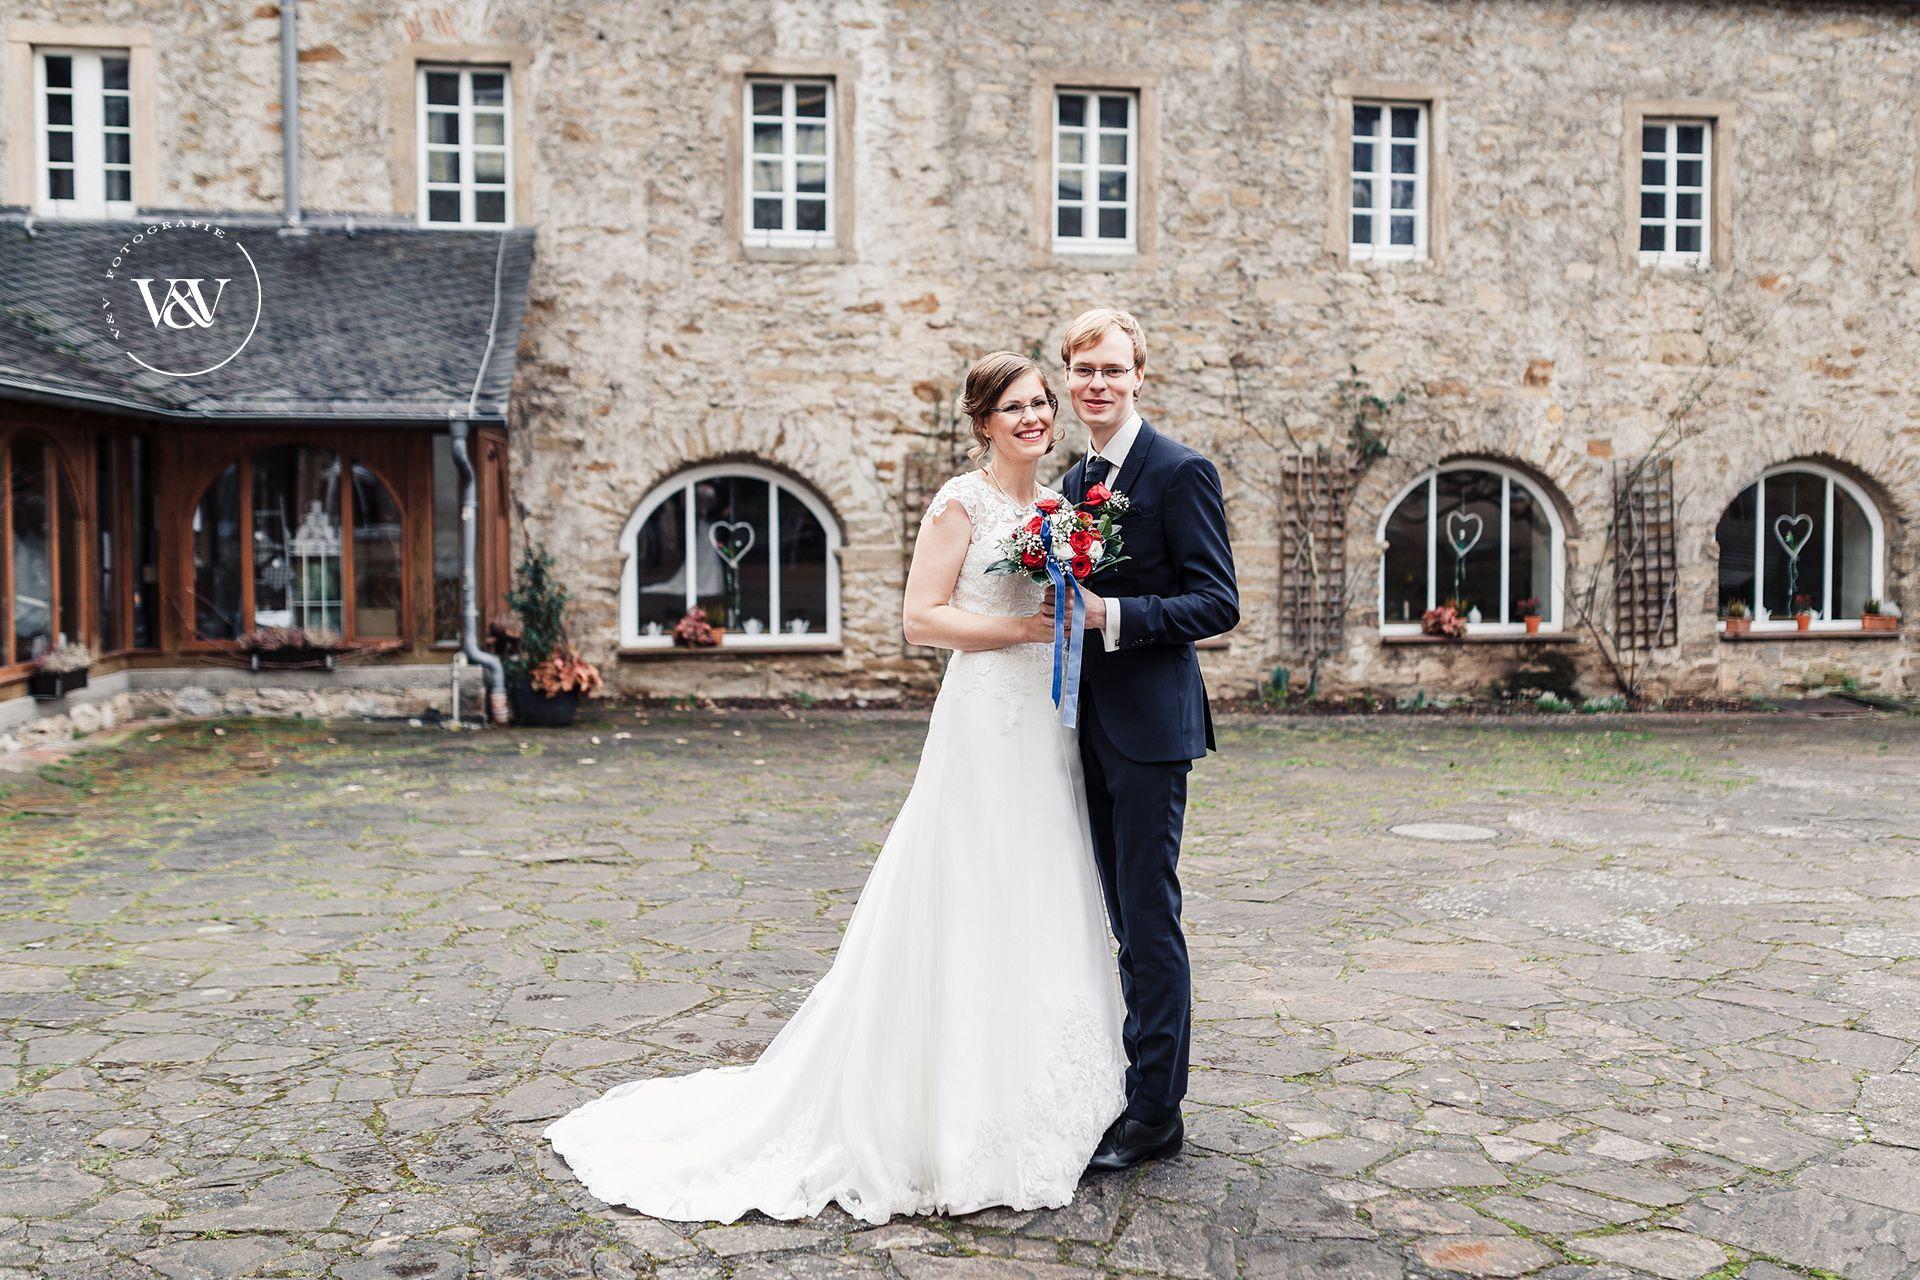 Hochzeit Im Schonen Kloster Altenberg Hochzeit Bilder Hochzeitsbilder Hochzeitlocations